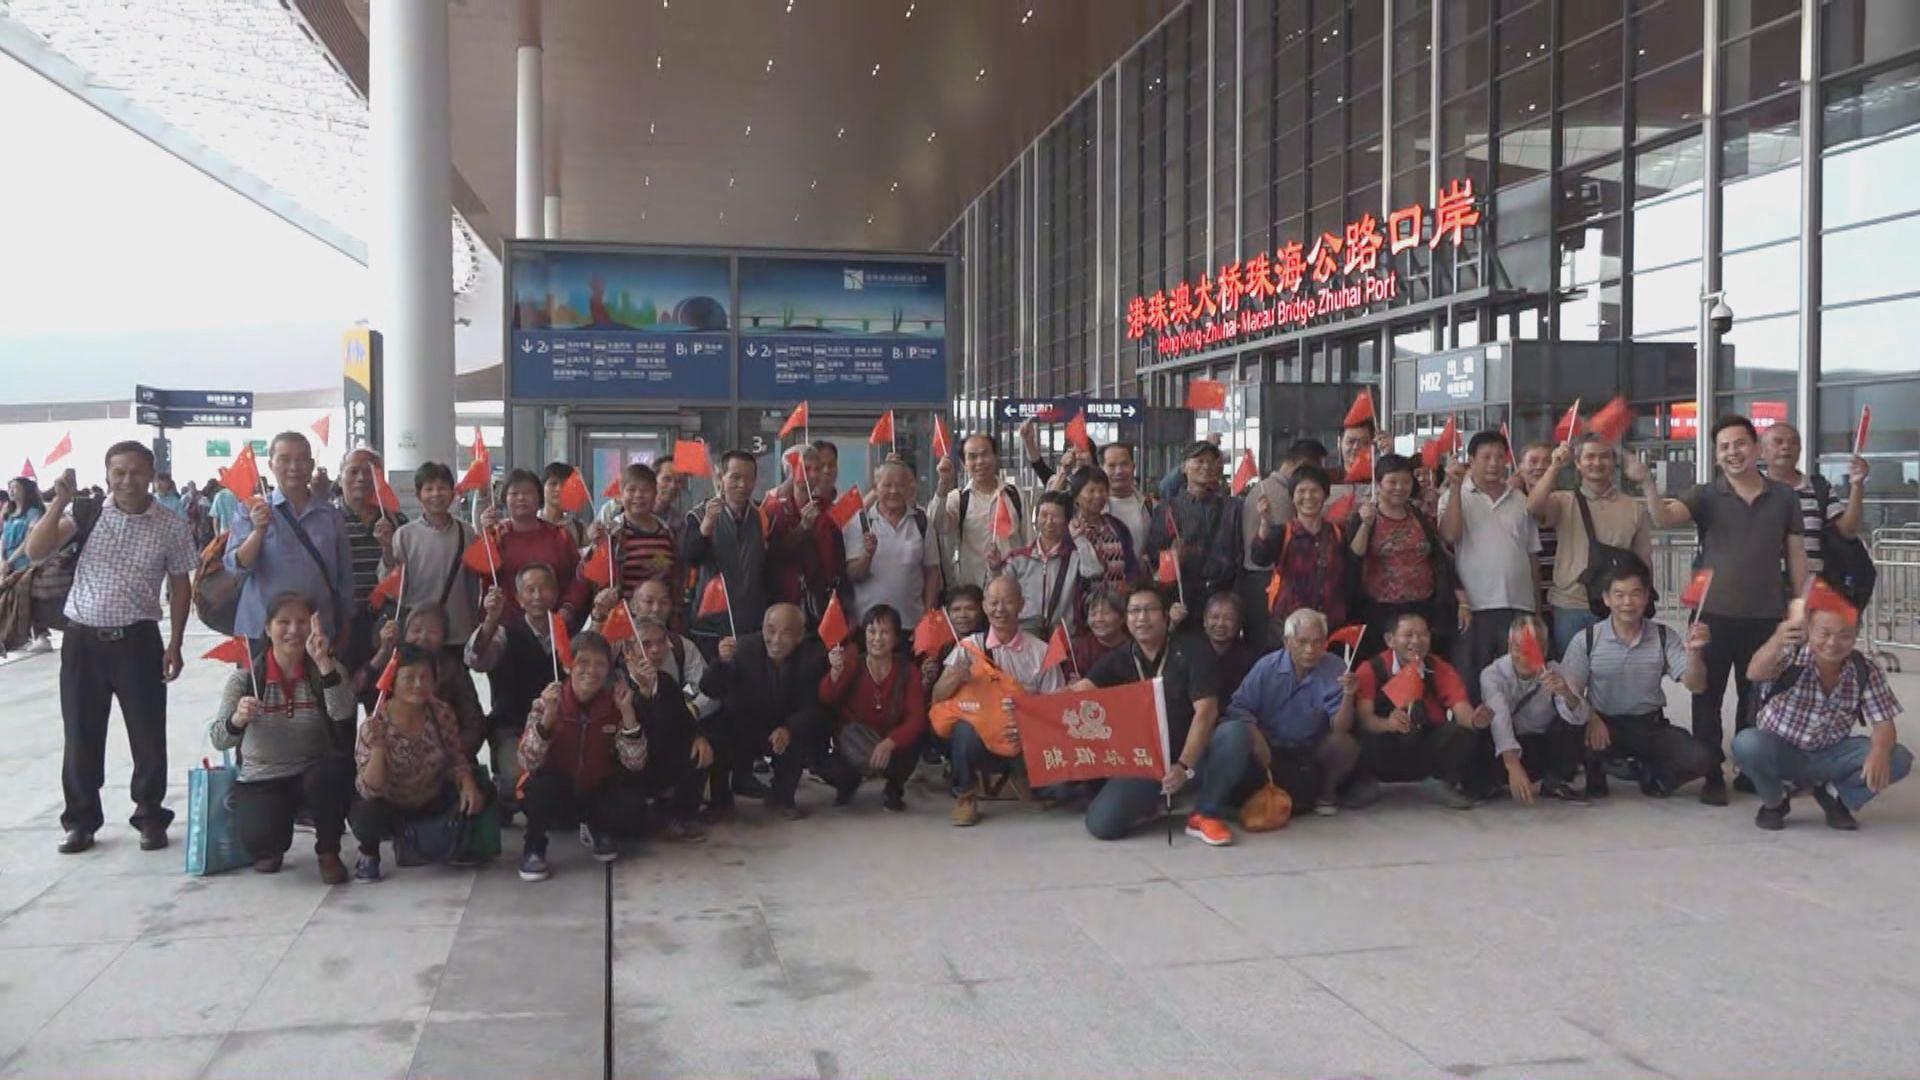 多個旅行團從珠海出發往香港